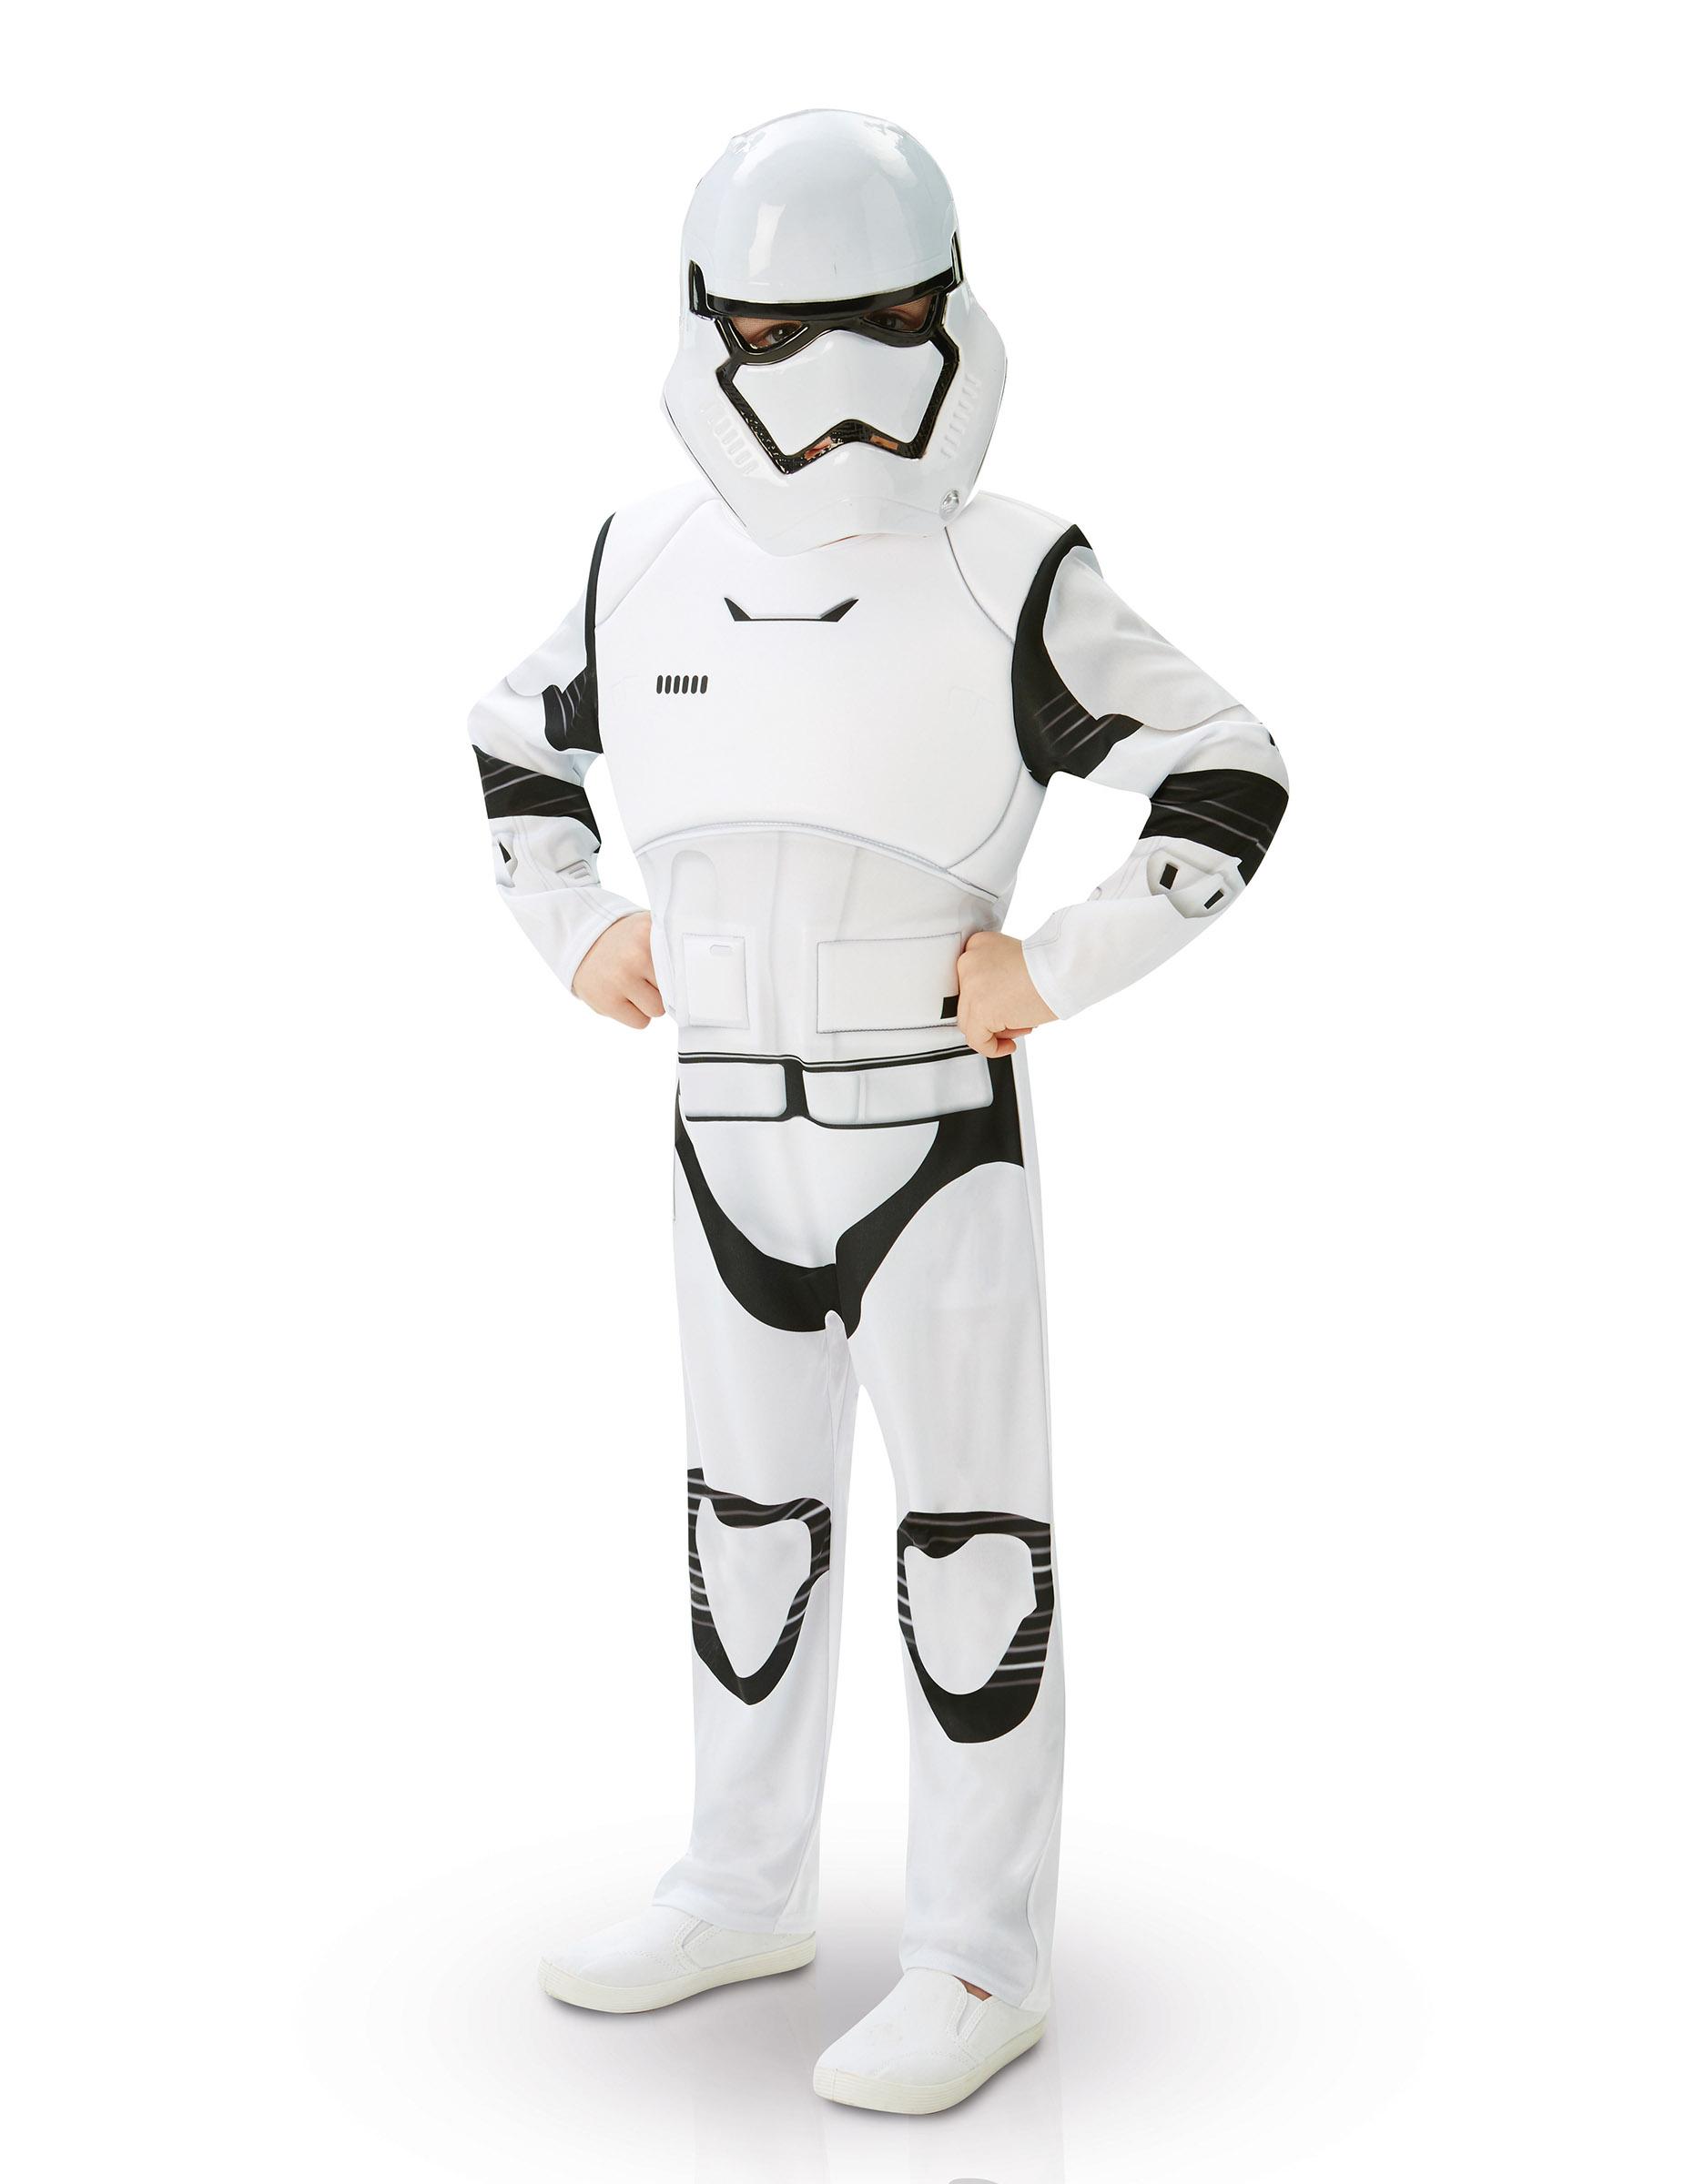 Disfraces de Star Wars originales Adultos y Niños - Disfraces Star Wars 3f6ffdb7391